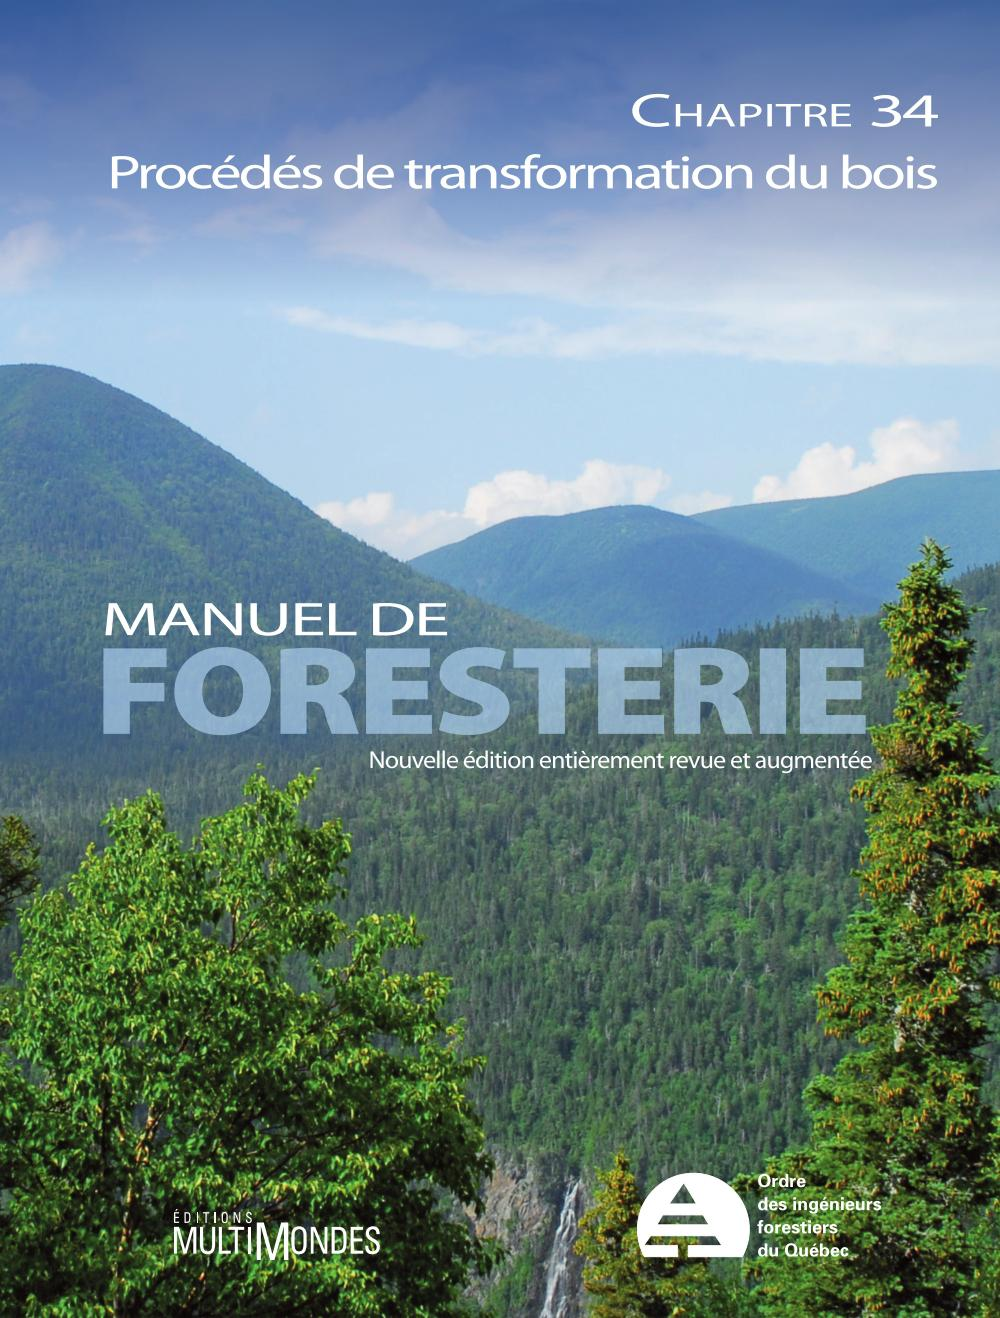 Manuel de foresterie, chapitre 34 – Procédés de transformation du bois